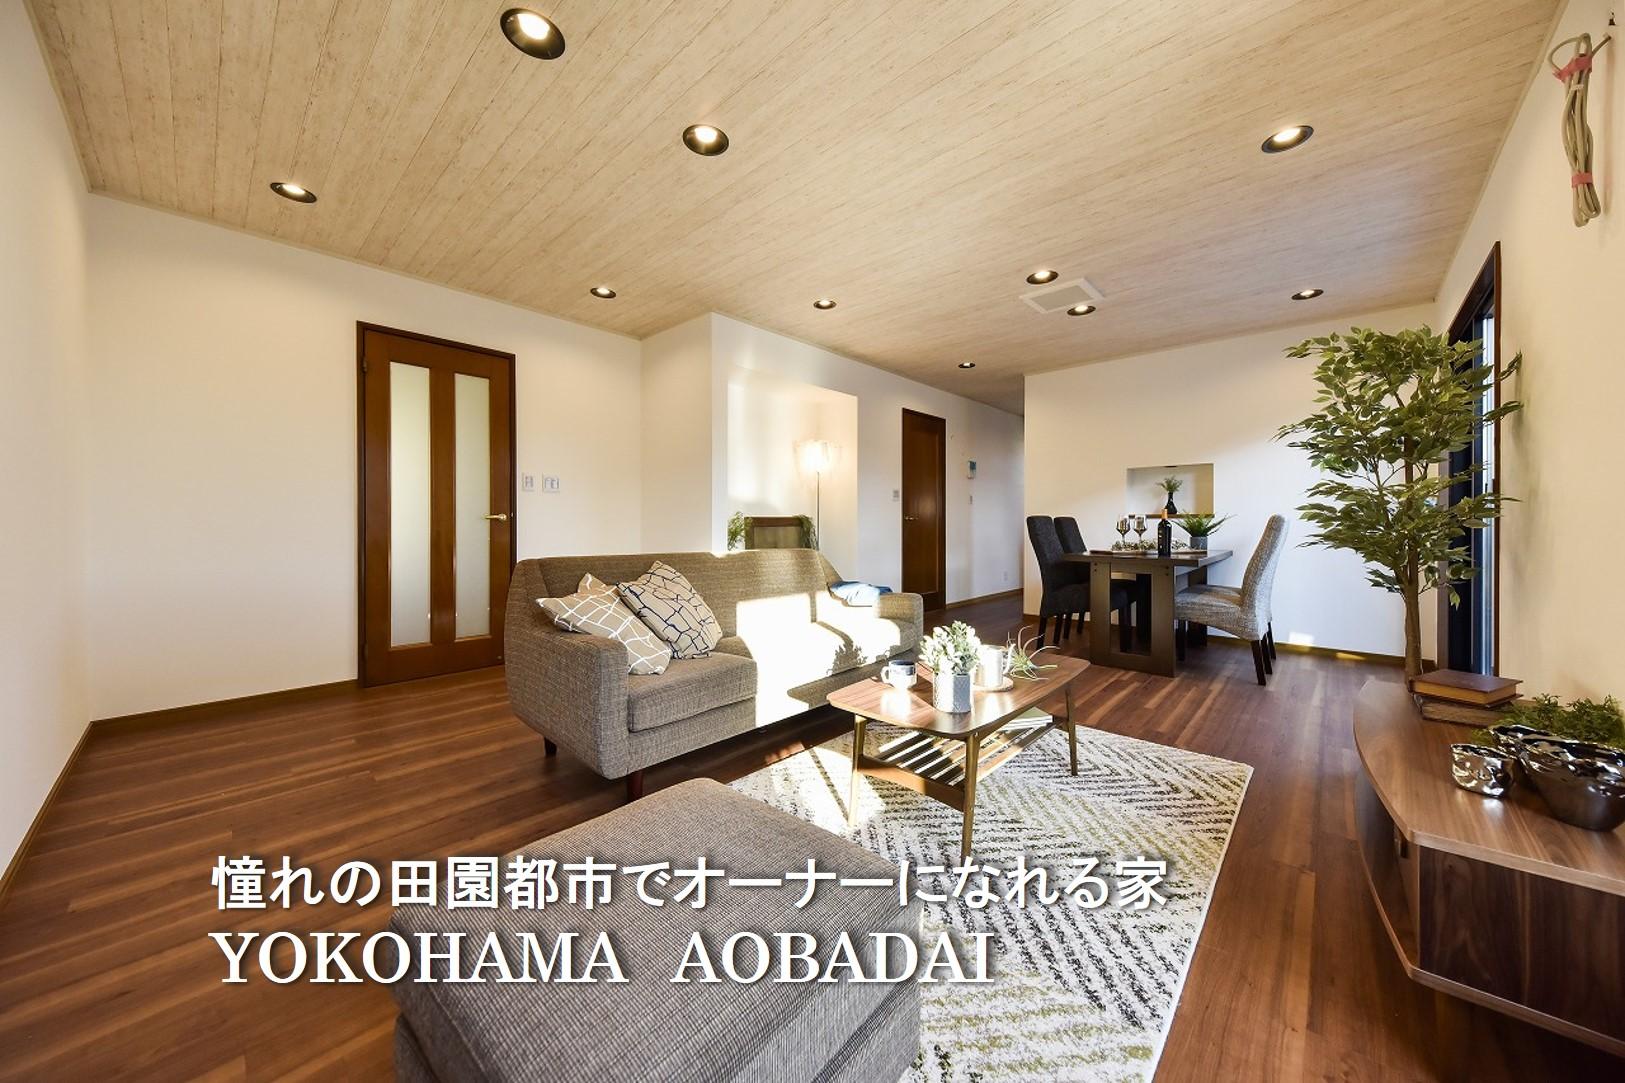 憧れの田園都市でオーナーになれる家|YOKOHAMA AOBADAI